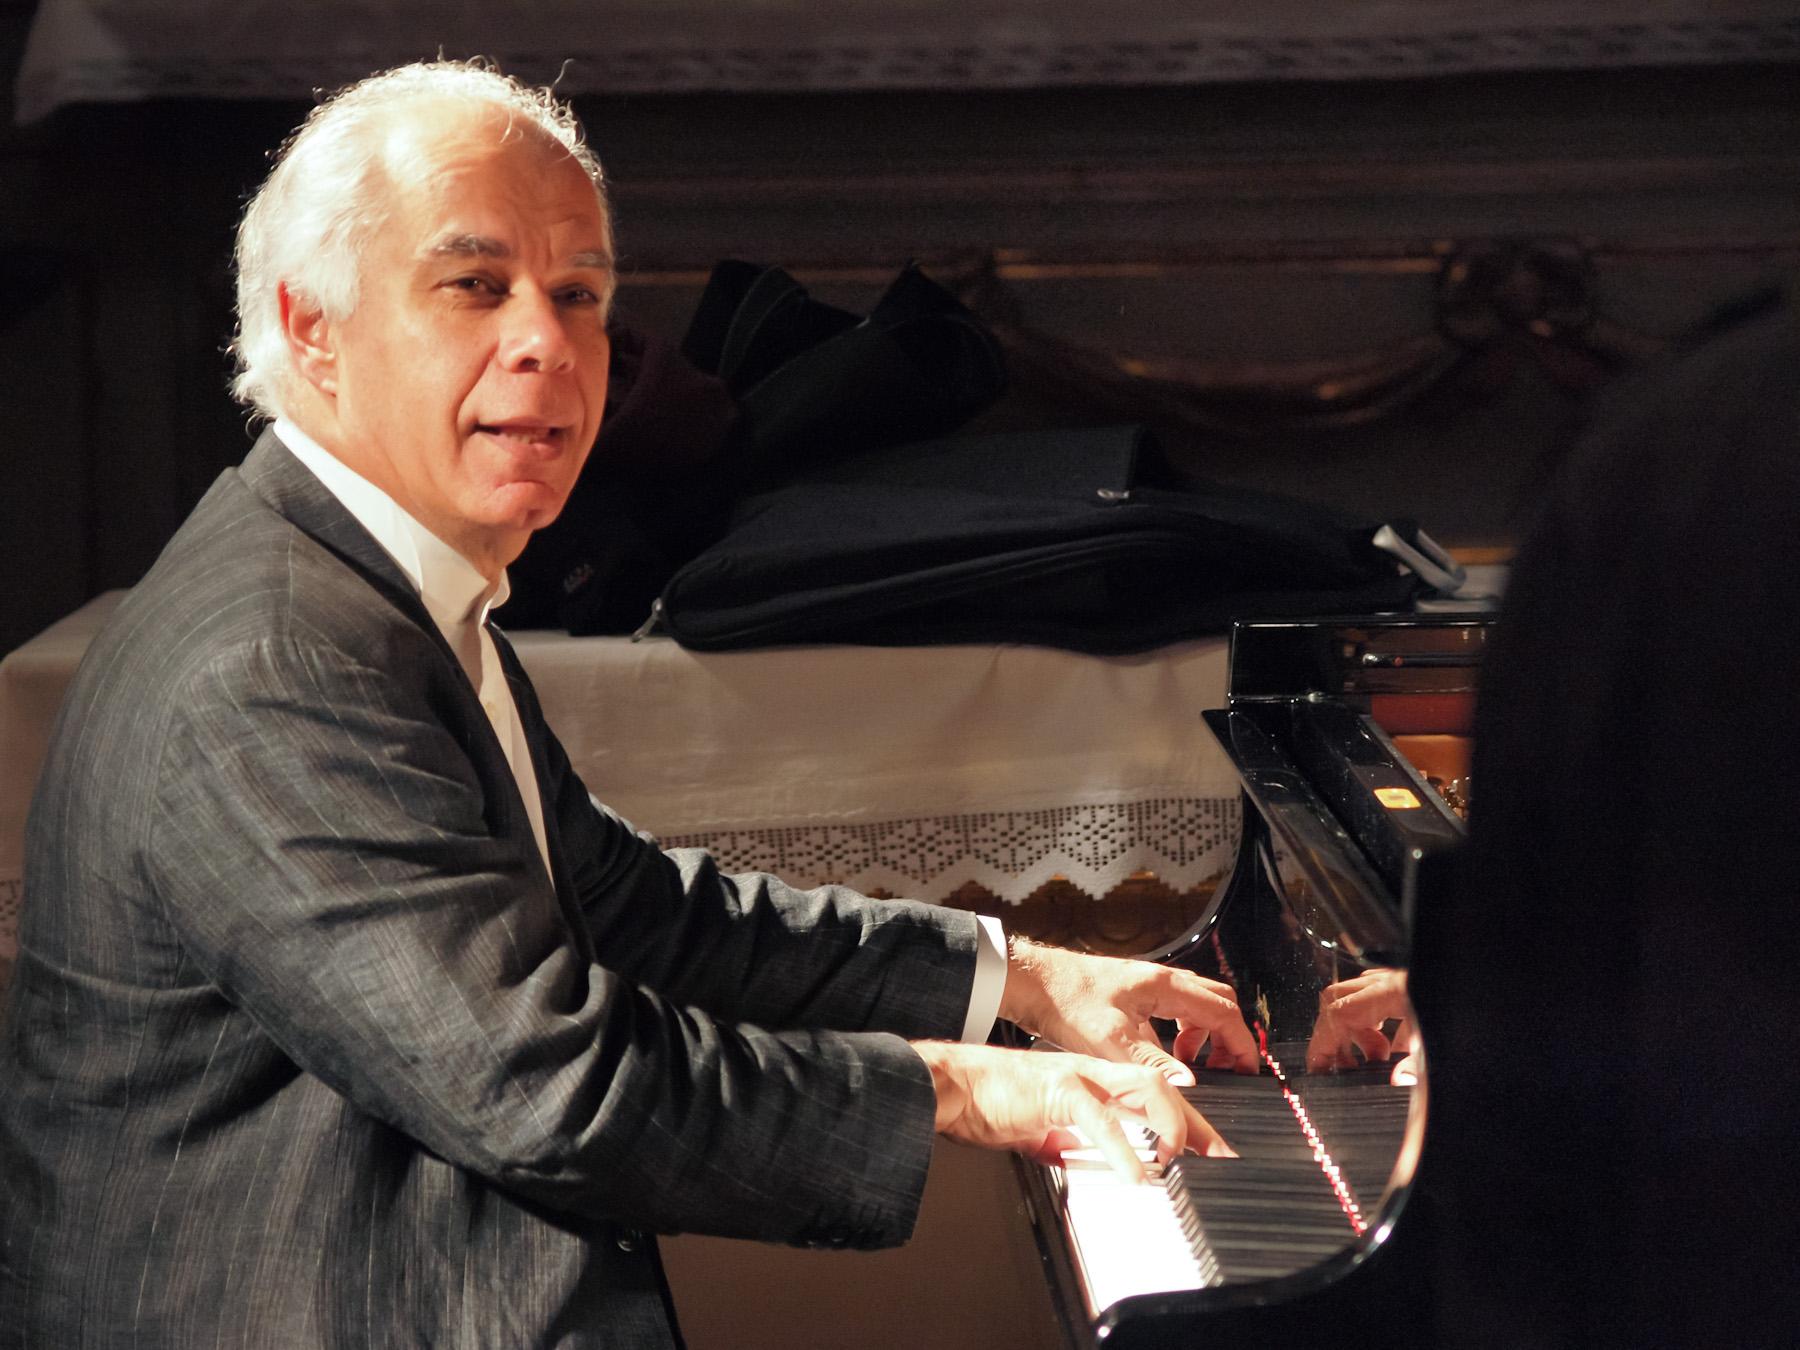 Pierre Réach